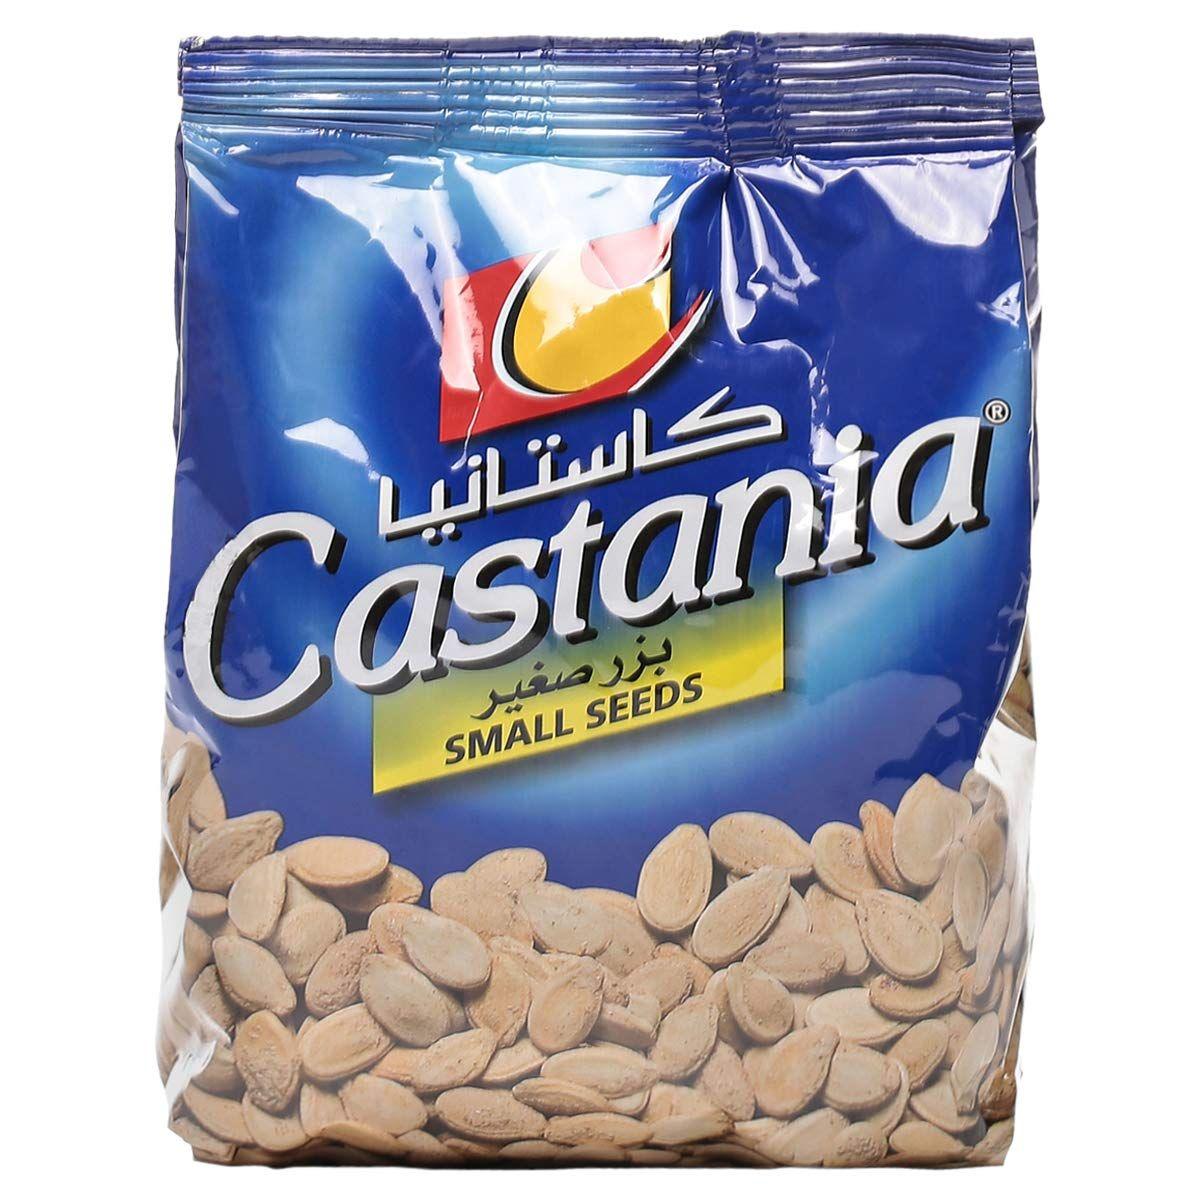 كاستانيا بذور مصرية صغيرة 300غم تشحن بواسطة امازون امارات In 2020 Seeds Egyptian Small